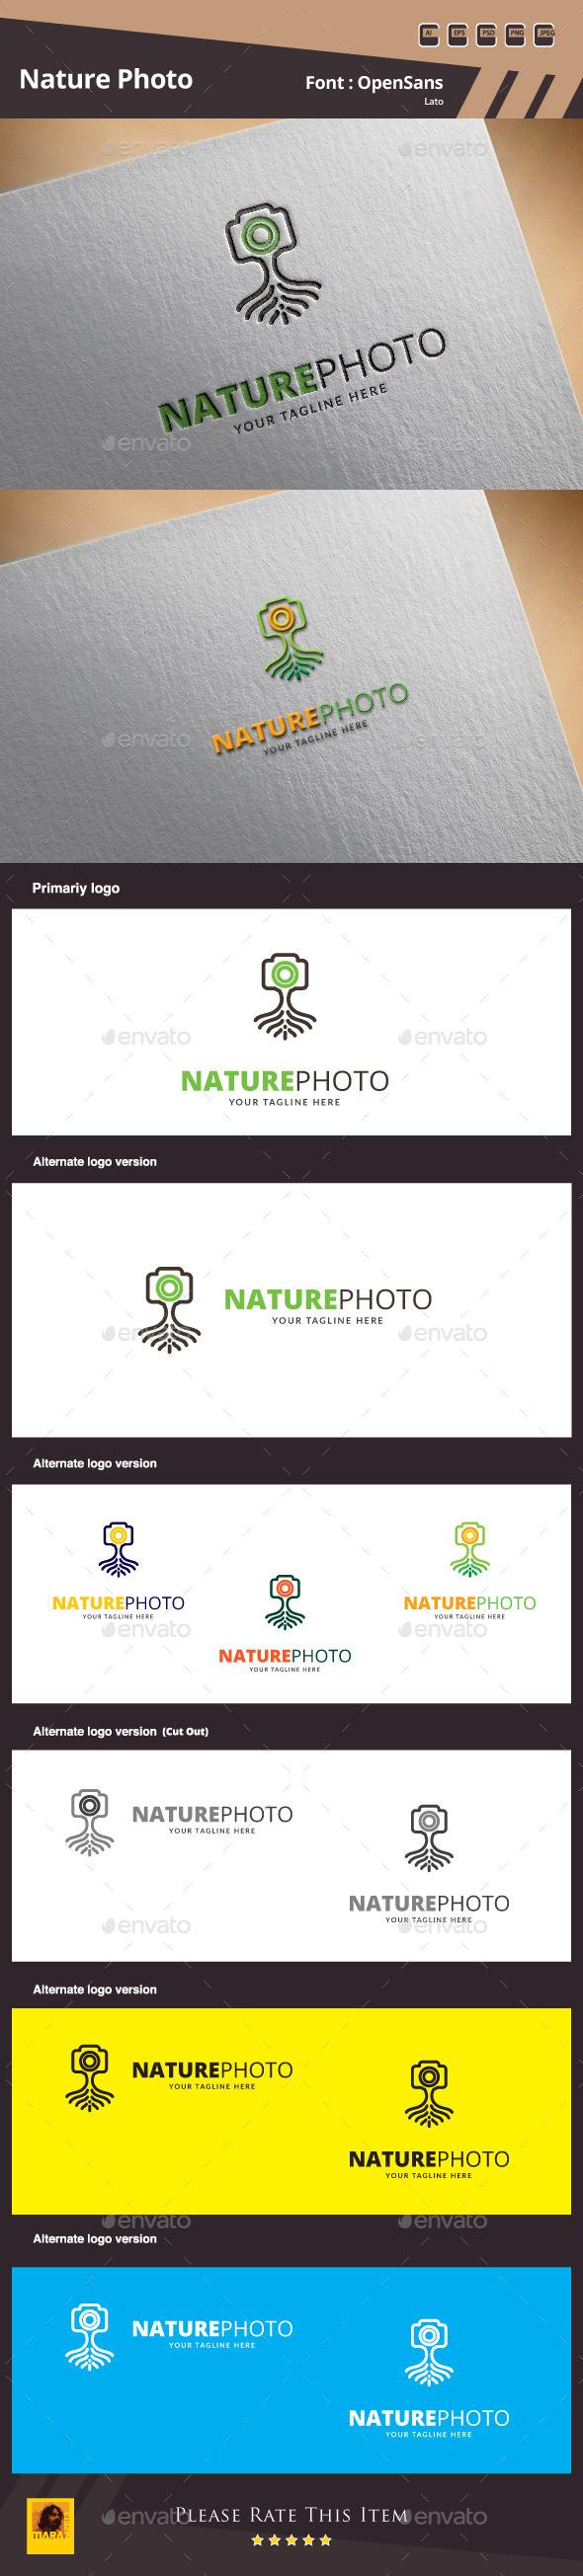 GraphicRiver Nature Photo Logo Template 9993495